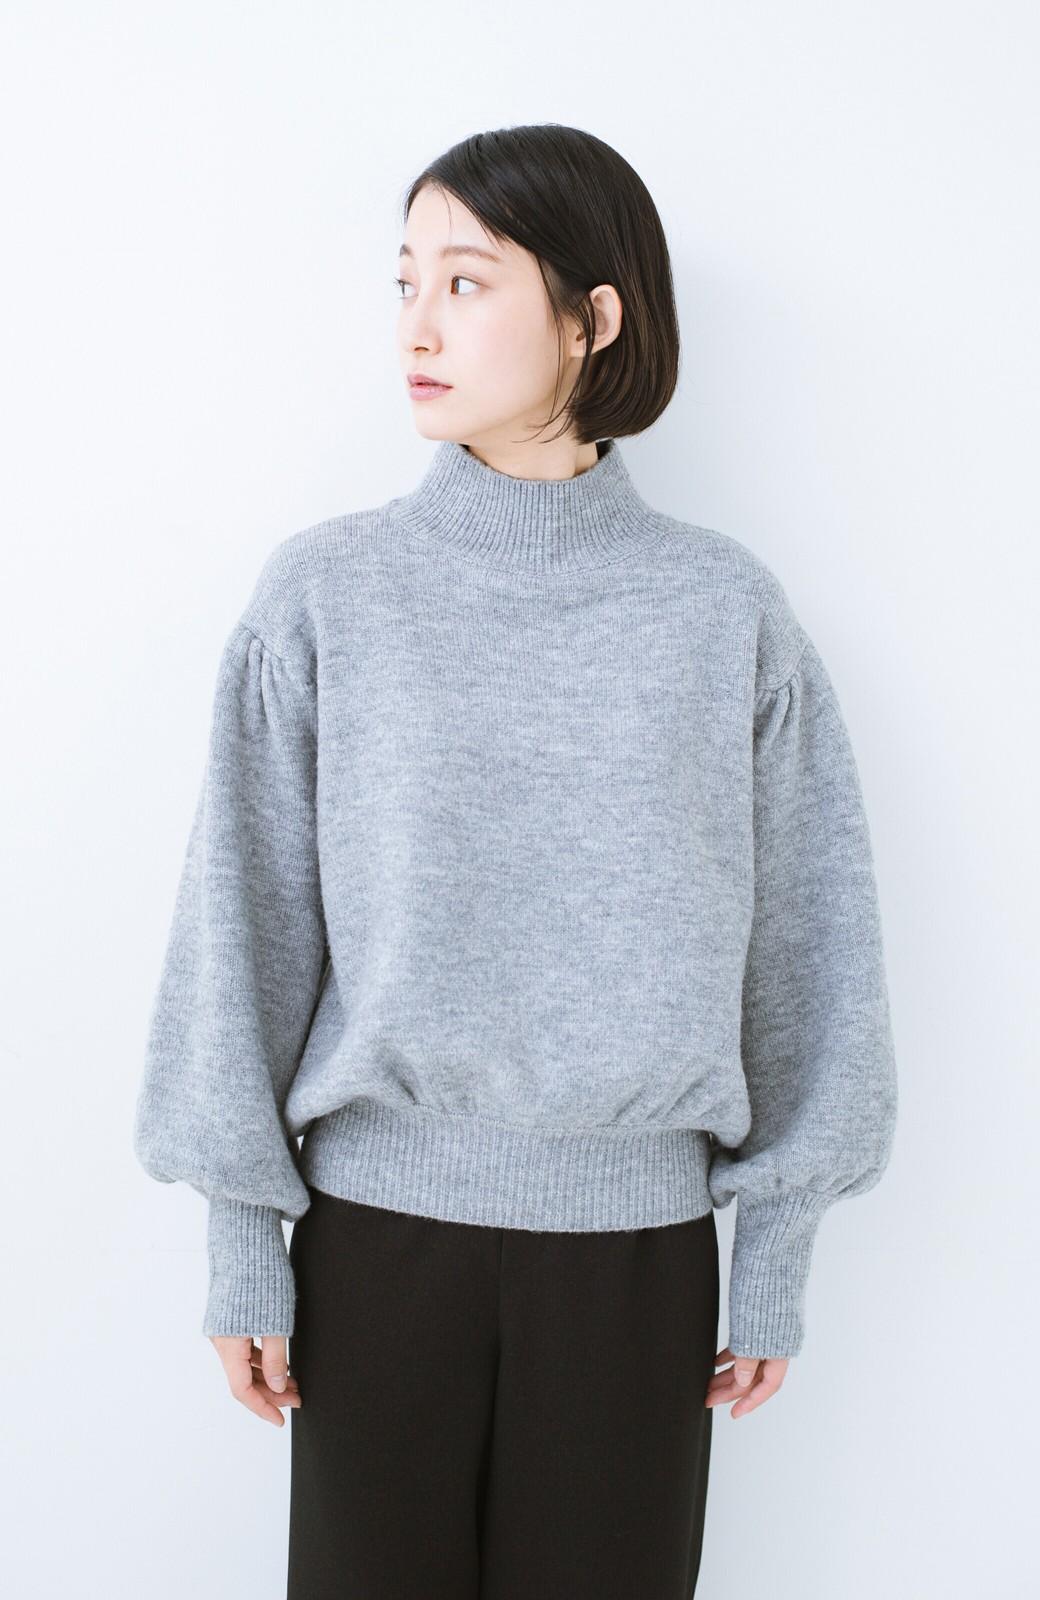 haco! 肌見せせずとも華奢見えできる ぷっくり袖のショートニット <杢グレー>の商品写真9